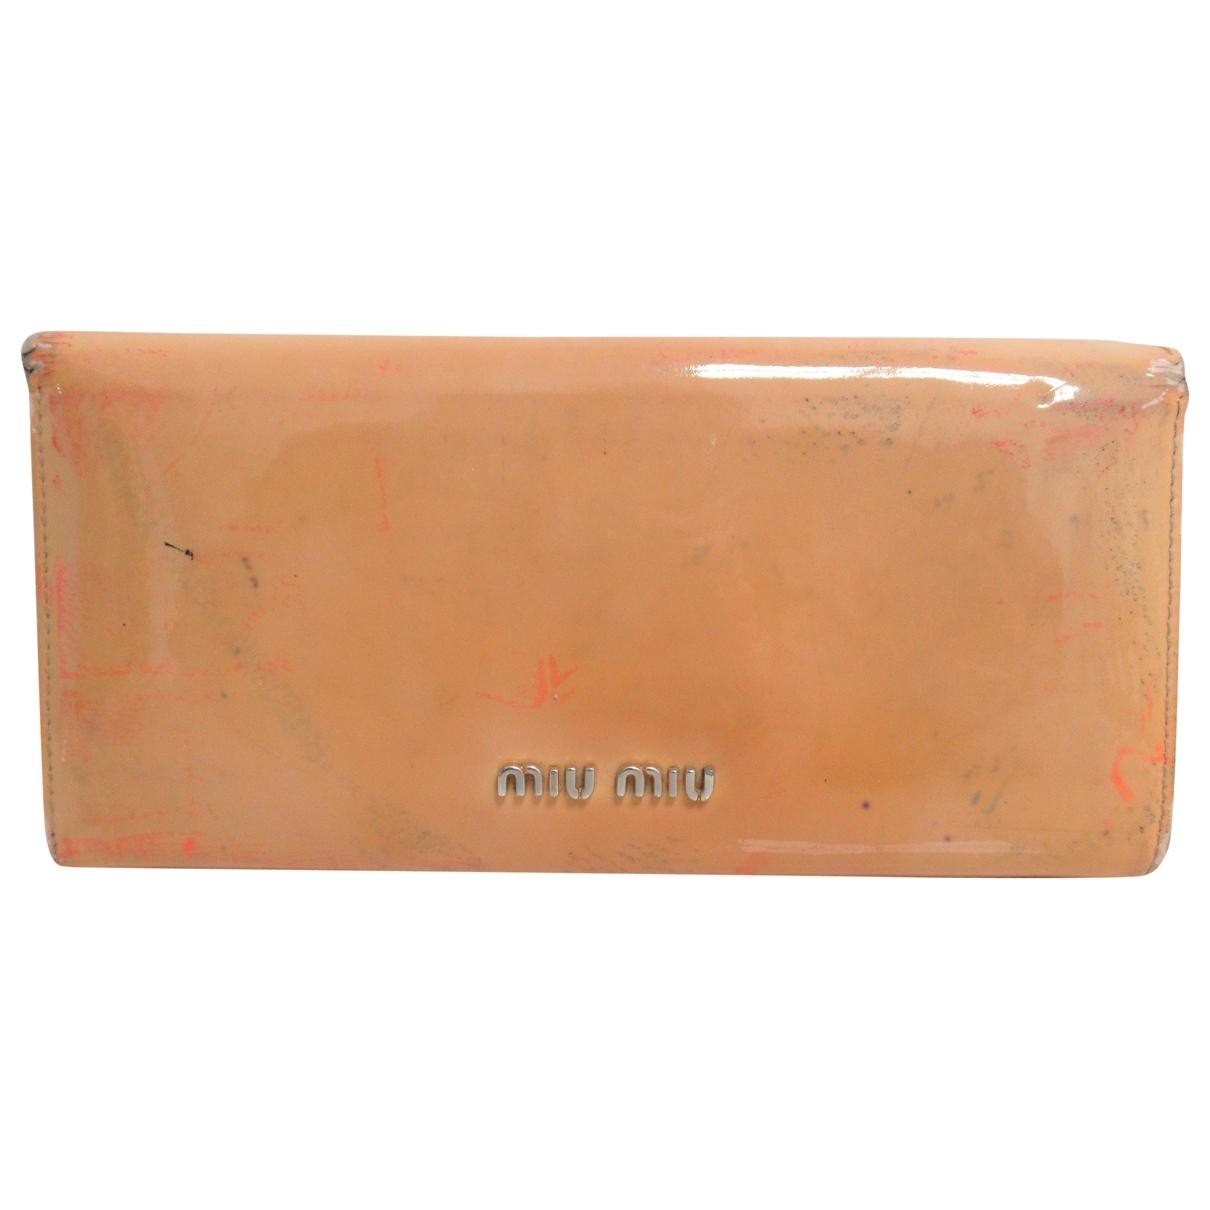 Miu Miu \N Beige Patent leather wallet for Women \N